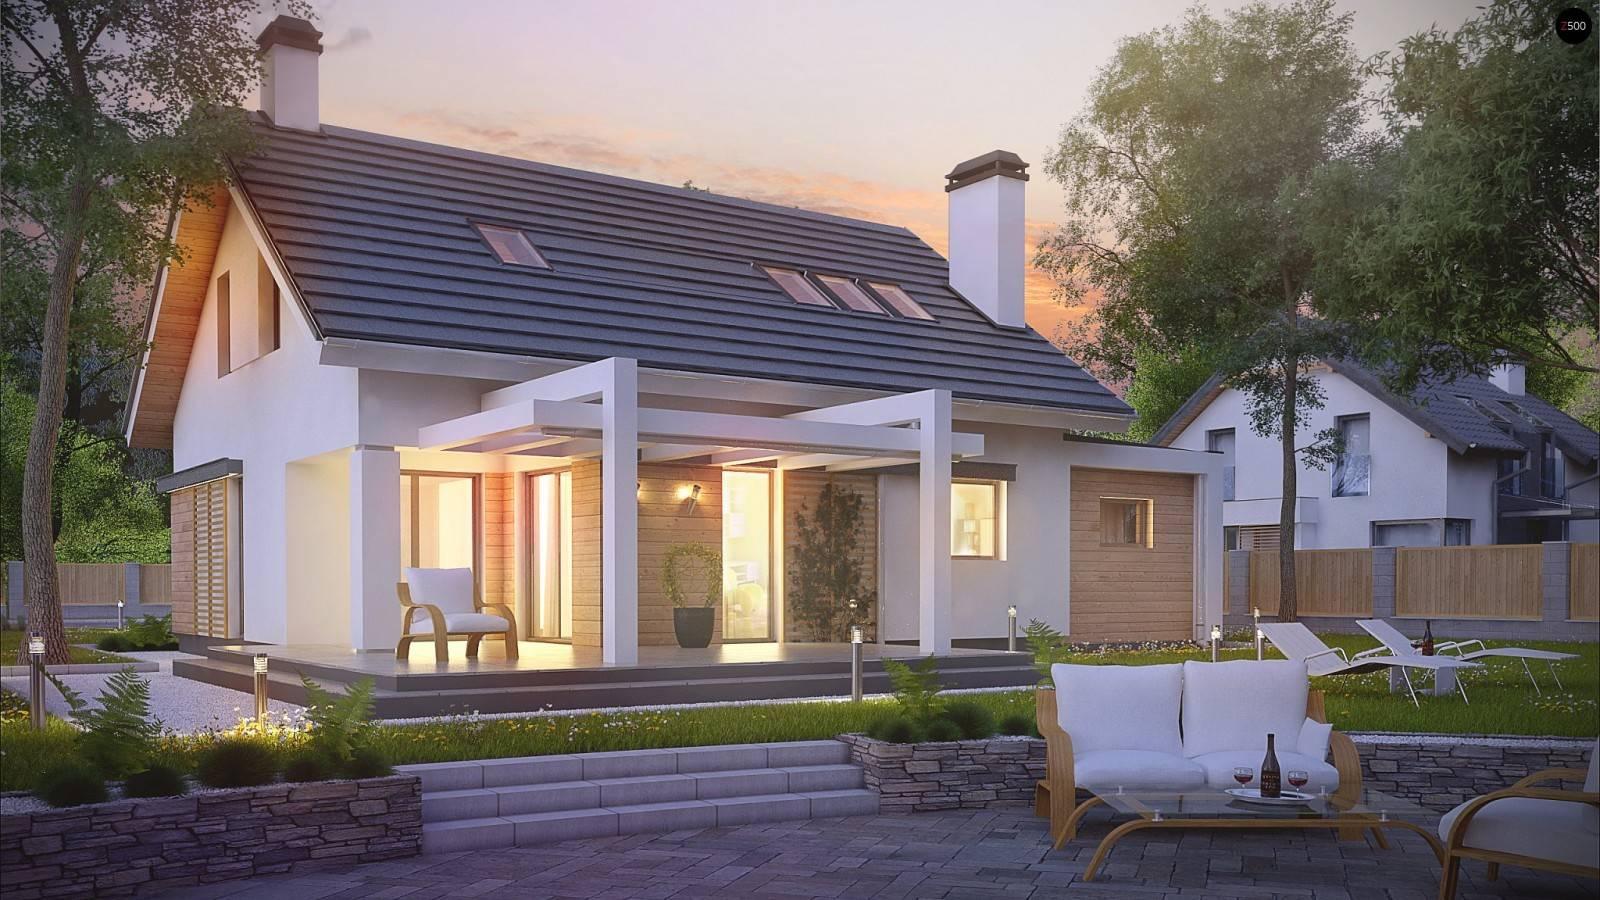 Проекты двухэтажных домов в польском стиле. проекты польских домов и коттеджей